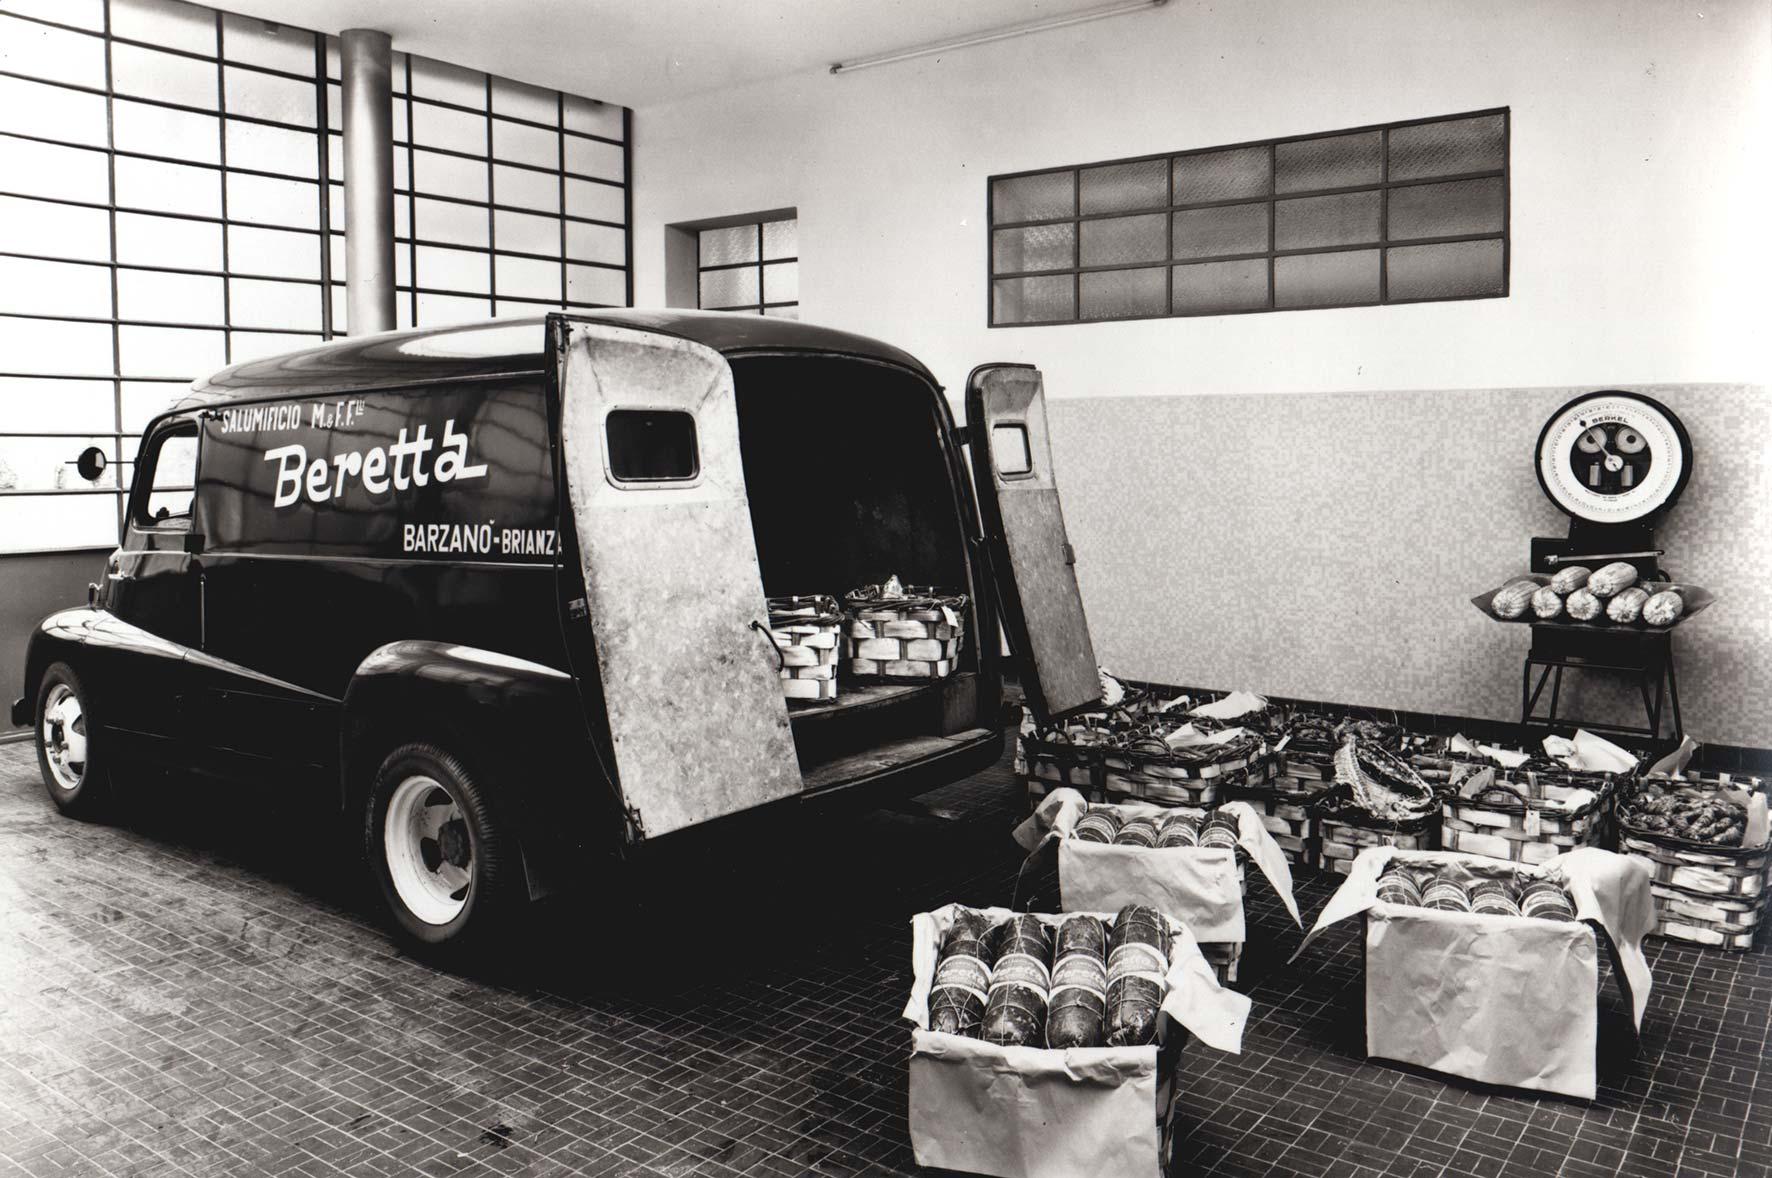 camioncino-con-prodotti_gastro-worldwide.jpg